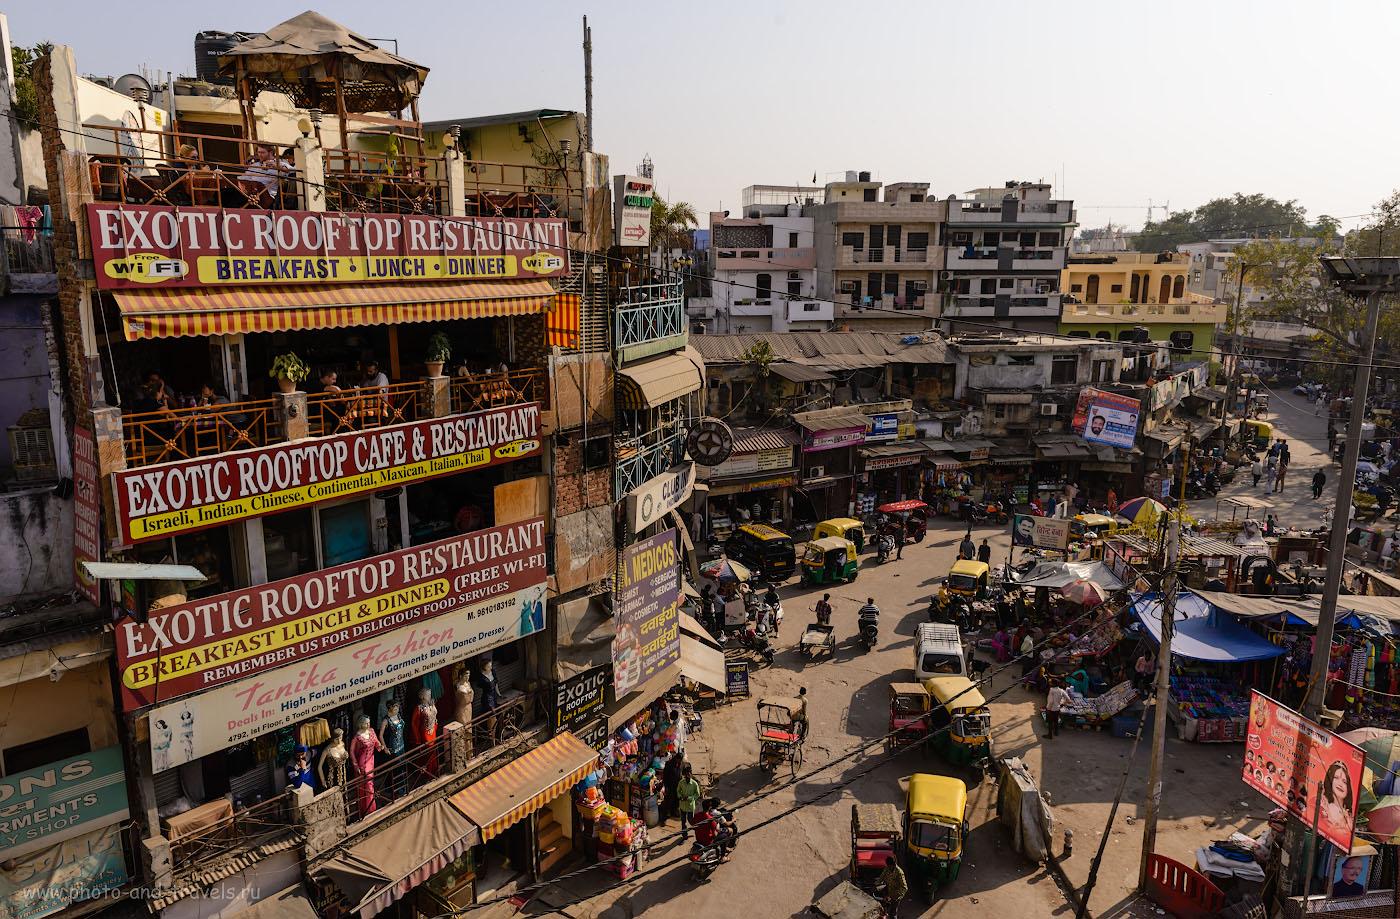 Фотография 30. Где покушать на Мэйн-Базаре? Рекомендую в кафе «Exotic Roof TopRestaurant». Отзывы о самостоятельной поездке в Дели. 1/250, -1.0, 9.0, 100, 24.